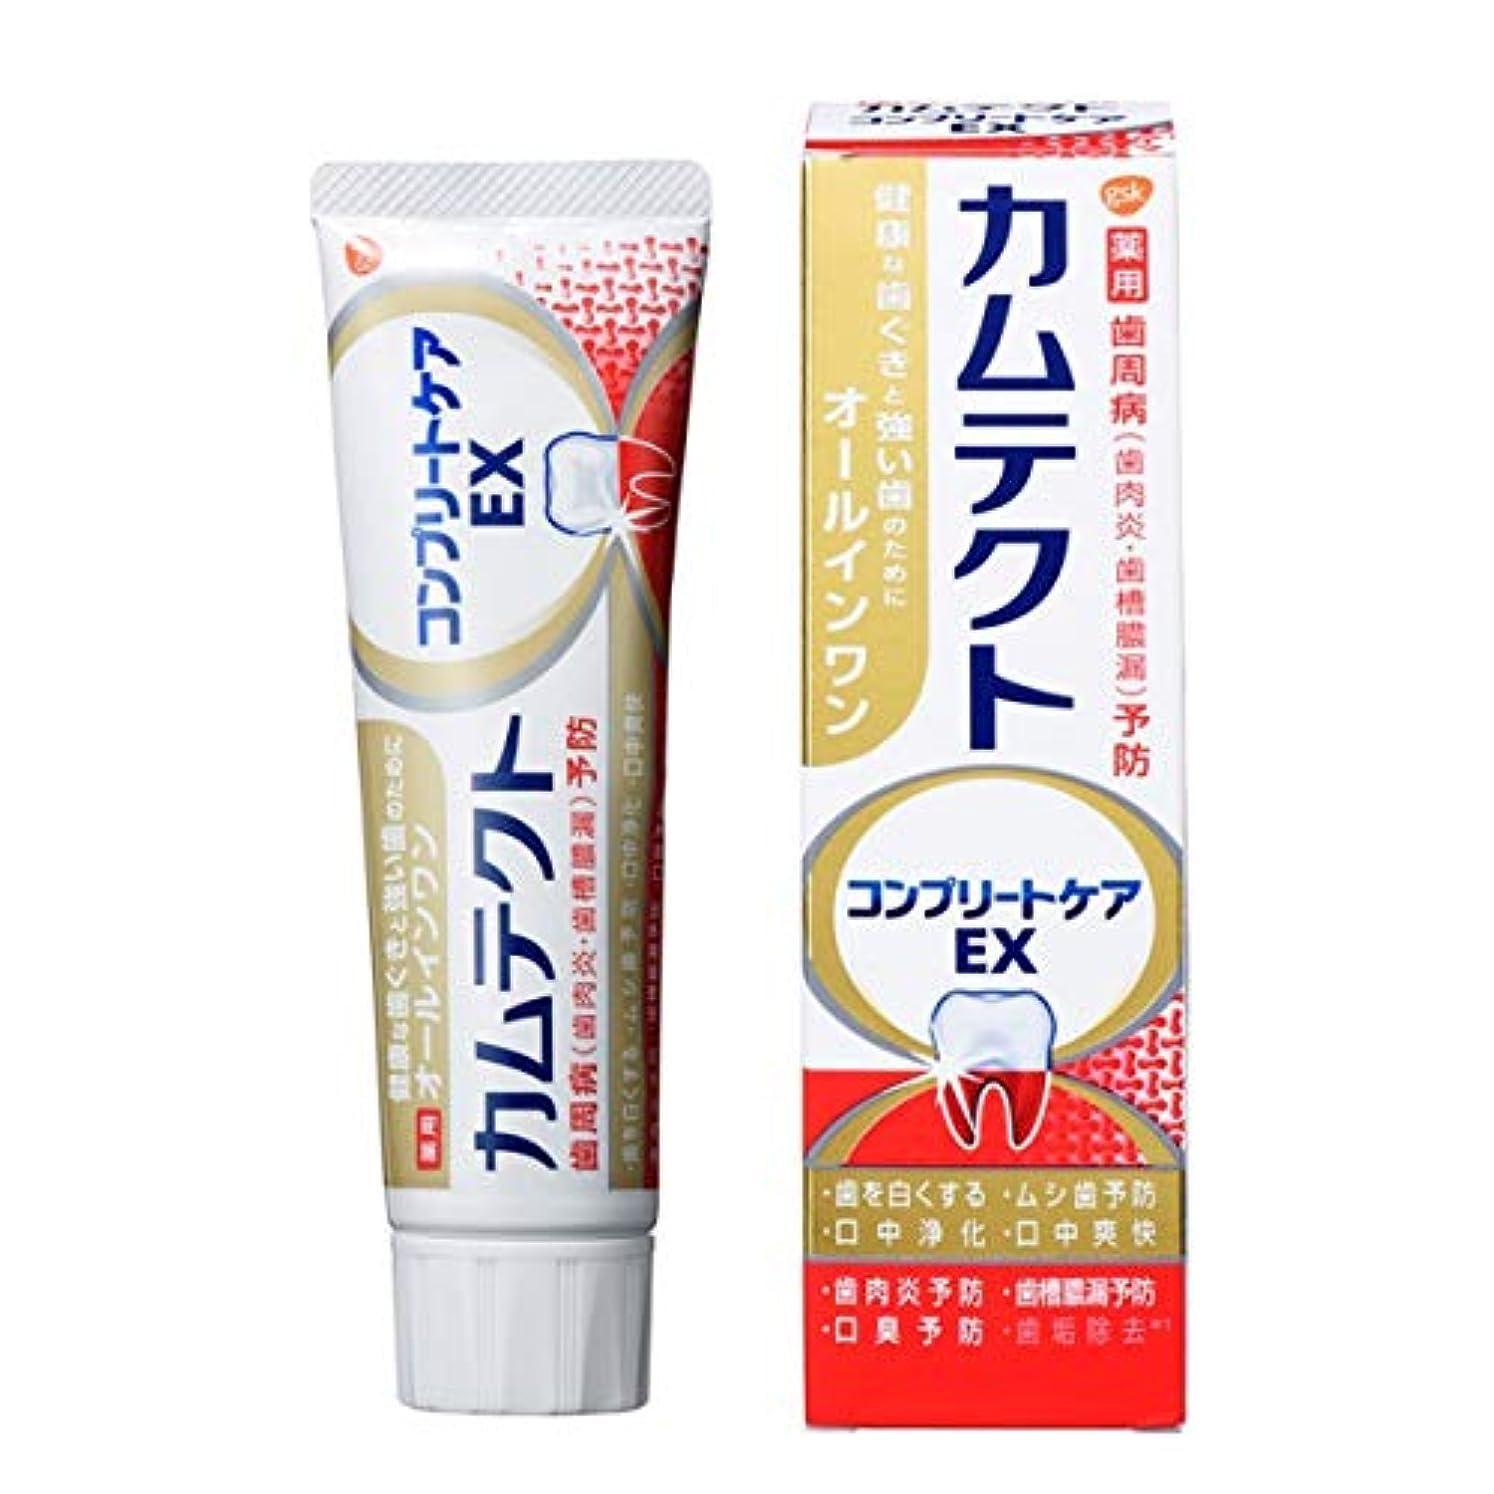 容量デクリメント国家カムテクト コンプリートケアEX 歯周病(歯肉炎?歯槽膿漏) 予防 歯磨き粉 105g